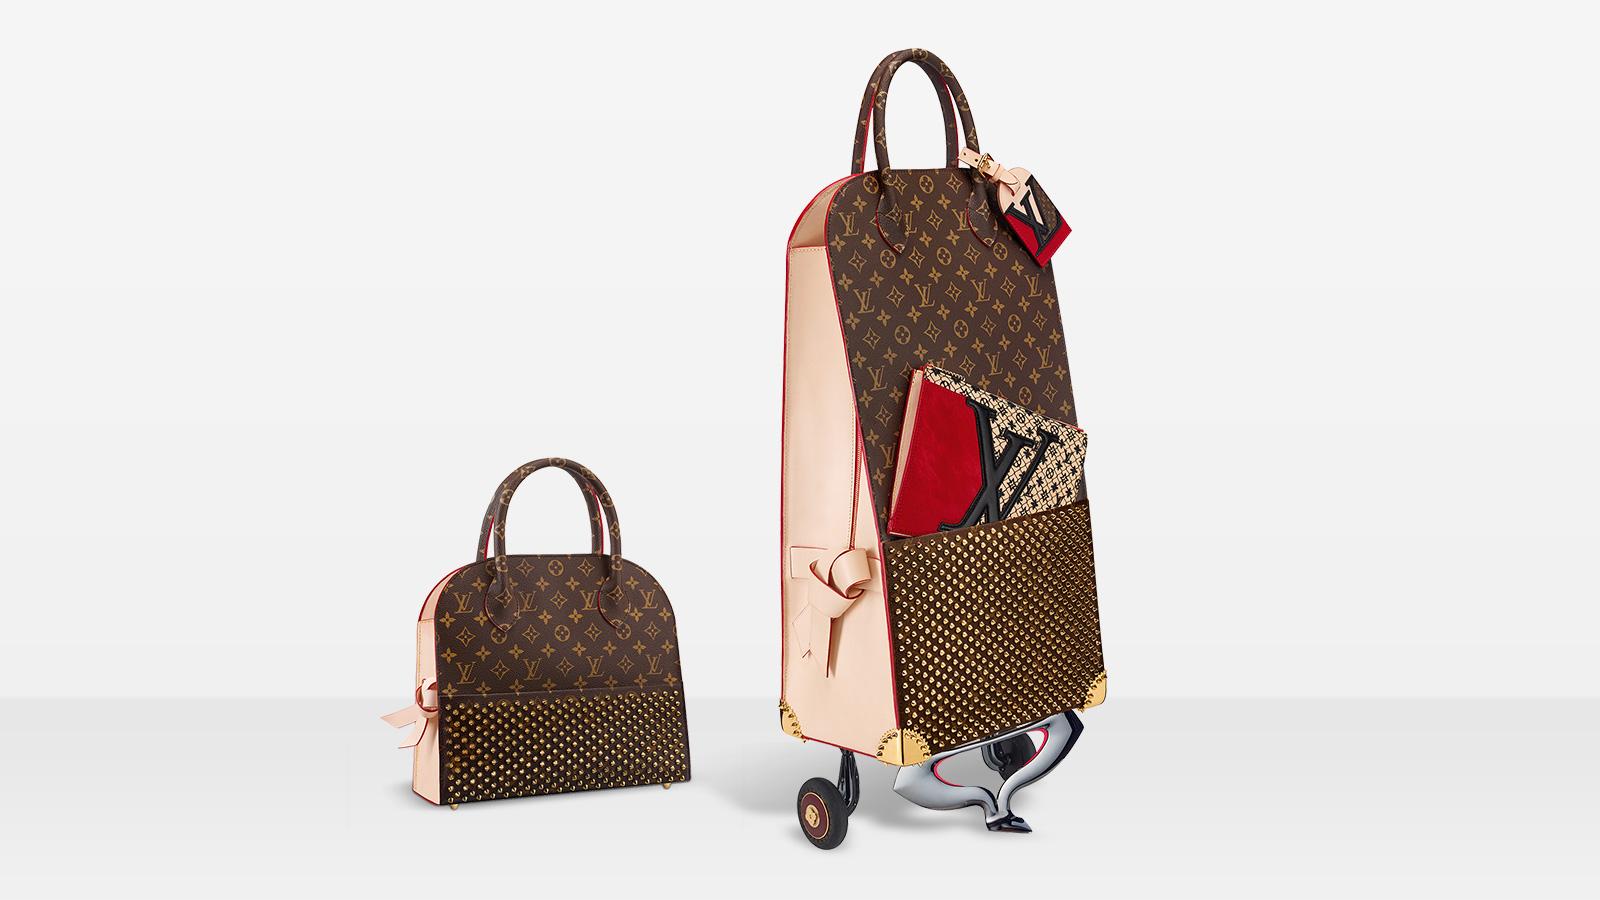 699620650847 Носить багаж в руках очень неудобно и тяжело, поэтому отменным выбором  являются дорожные сумки на колёсах.